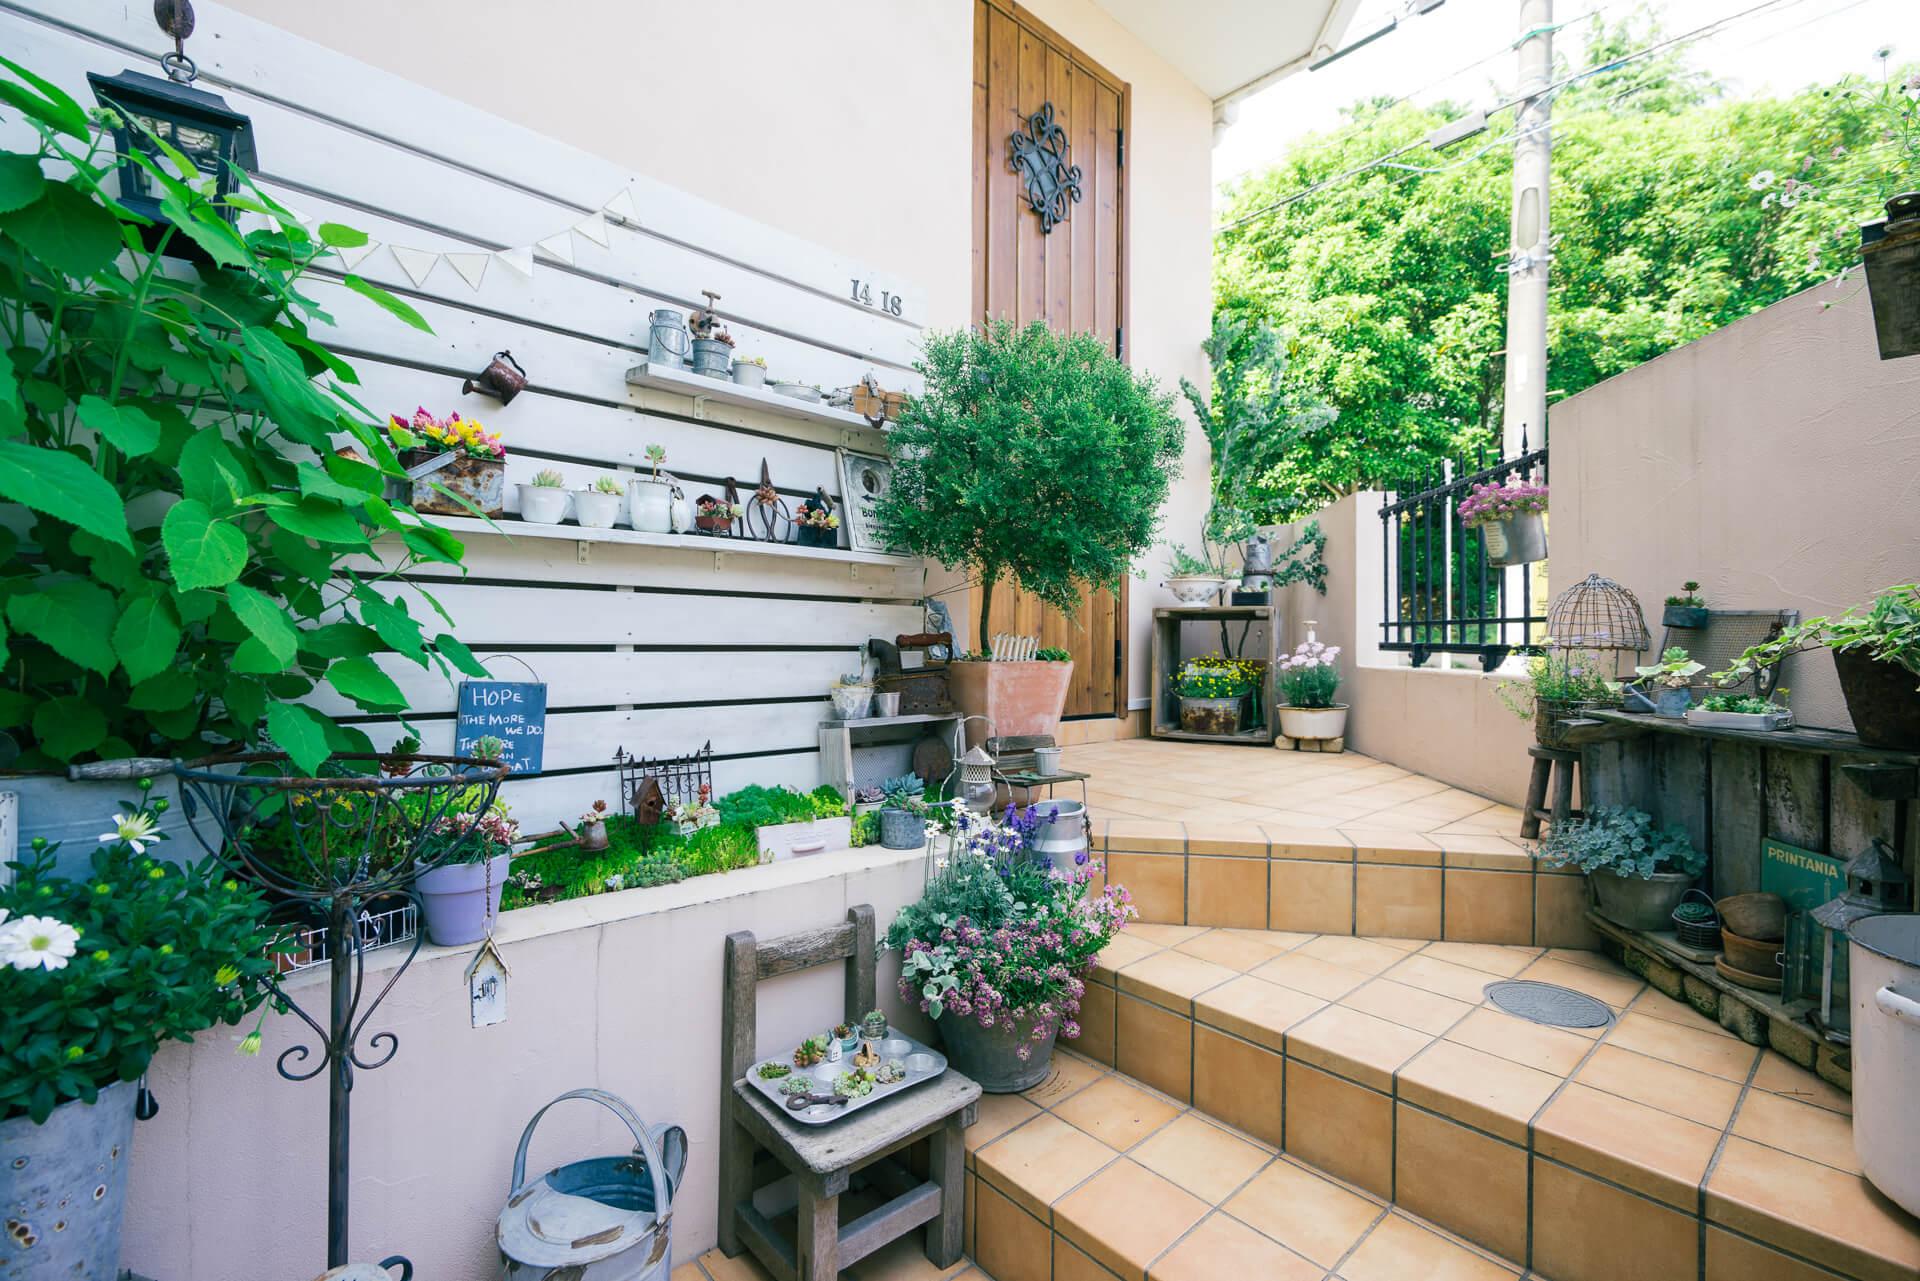 戸建にお住いのkokkomachaさん。玄関にも緑がたくさん!